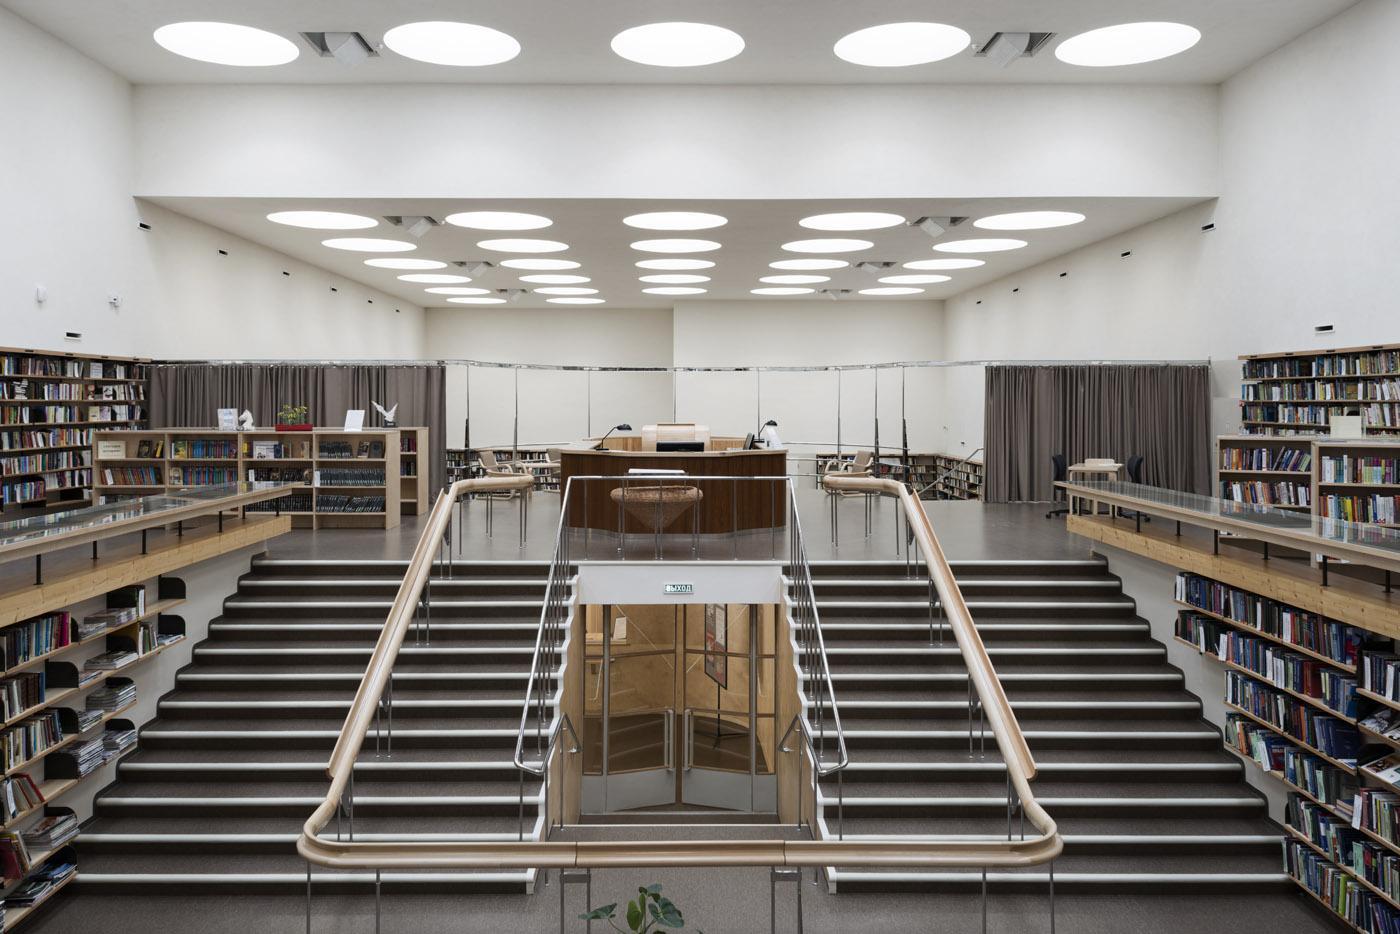 Vyborg library lending room